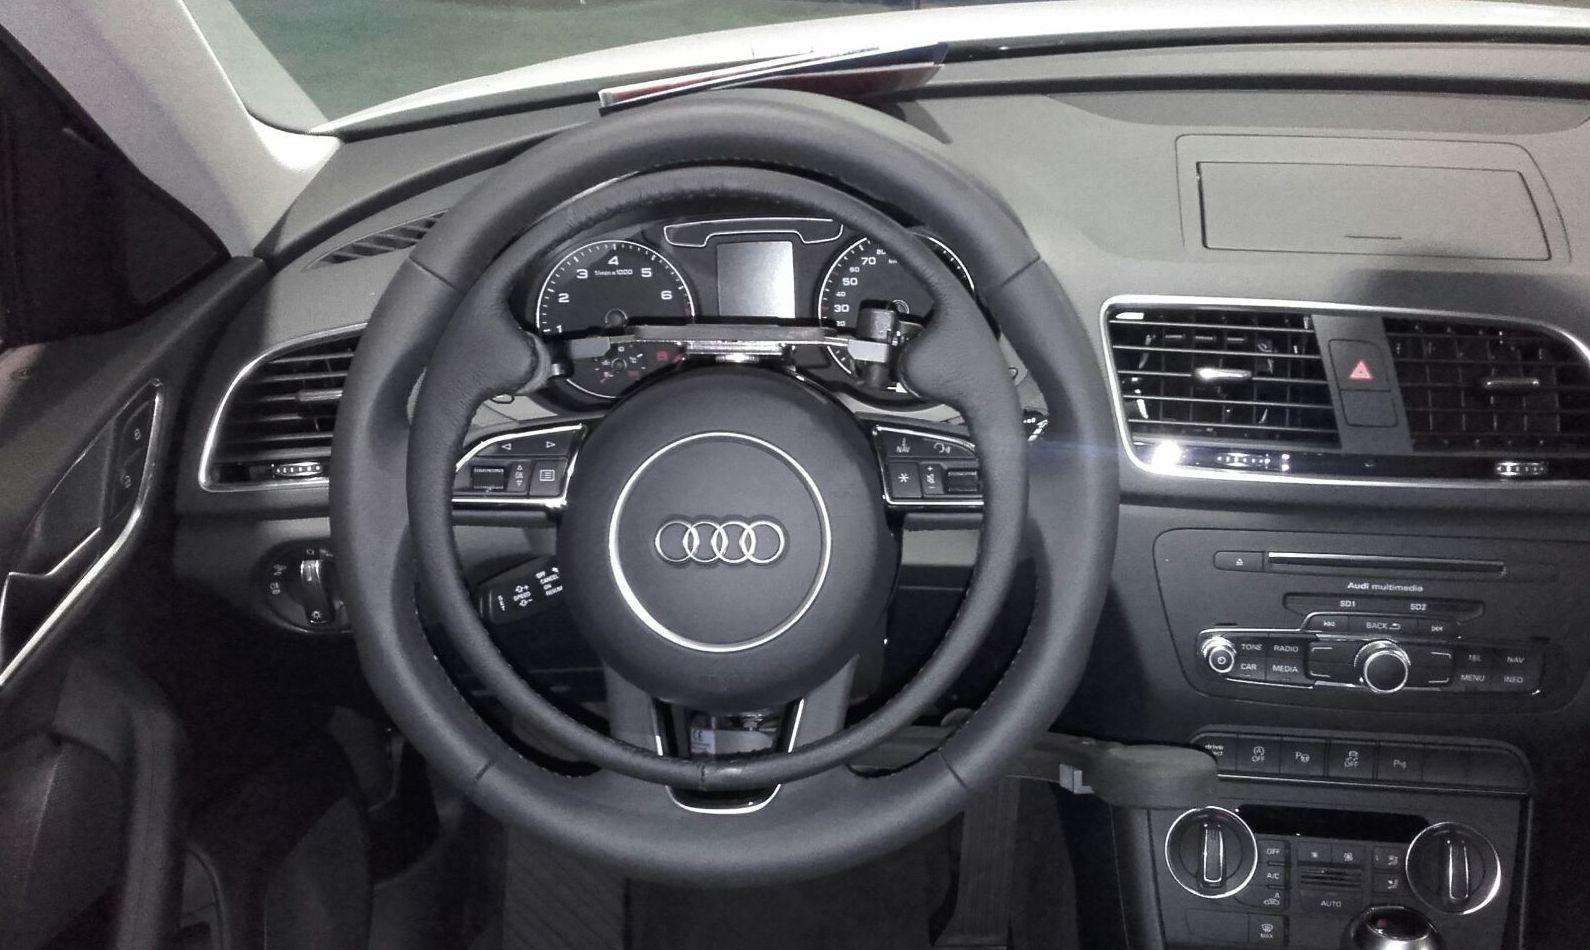 Acelerador elco de aro extraible y freno manual en Audi Q3 Guidosimplex